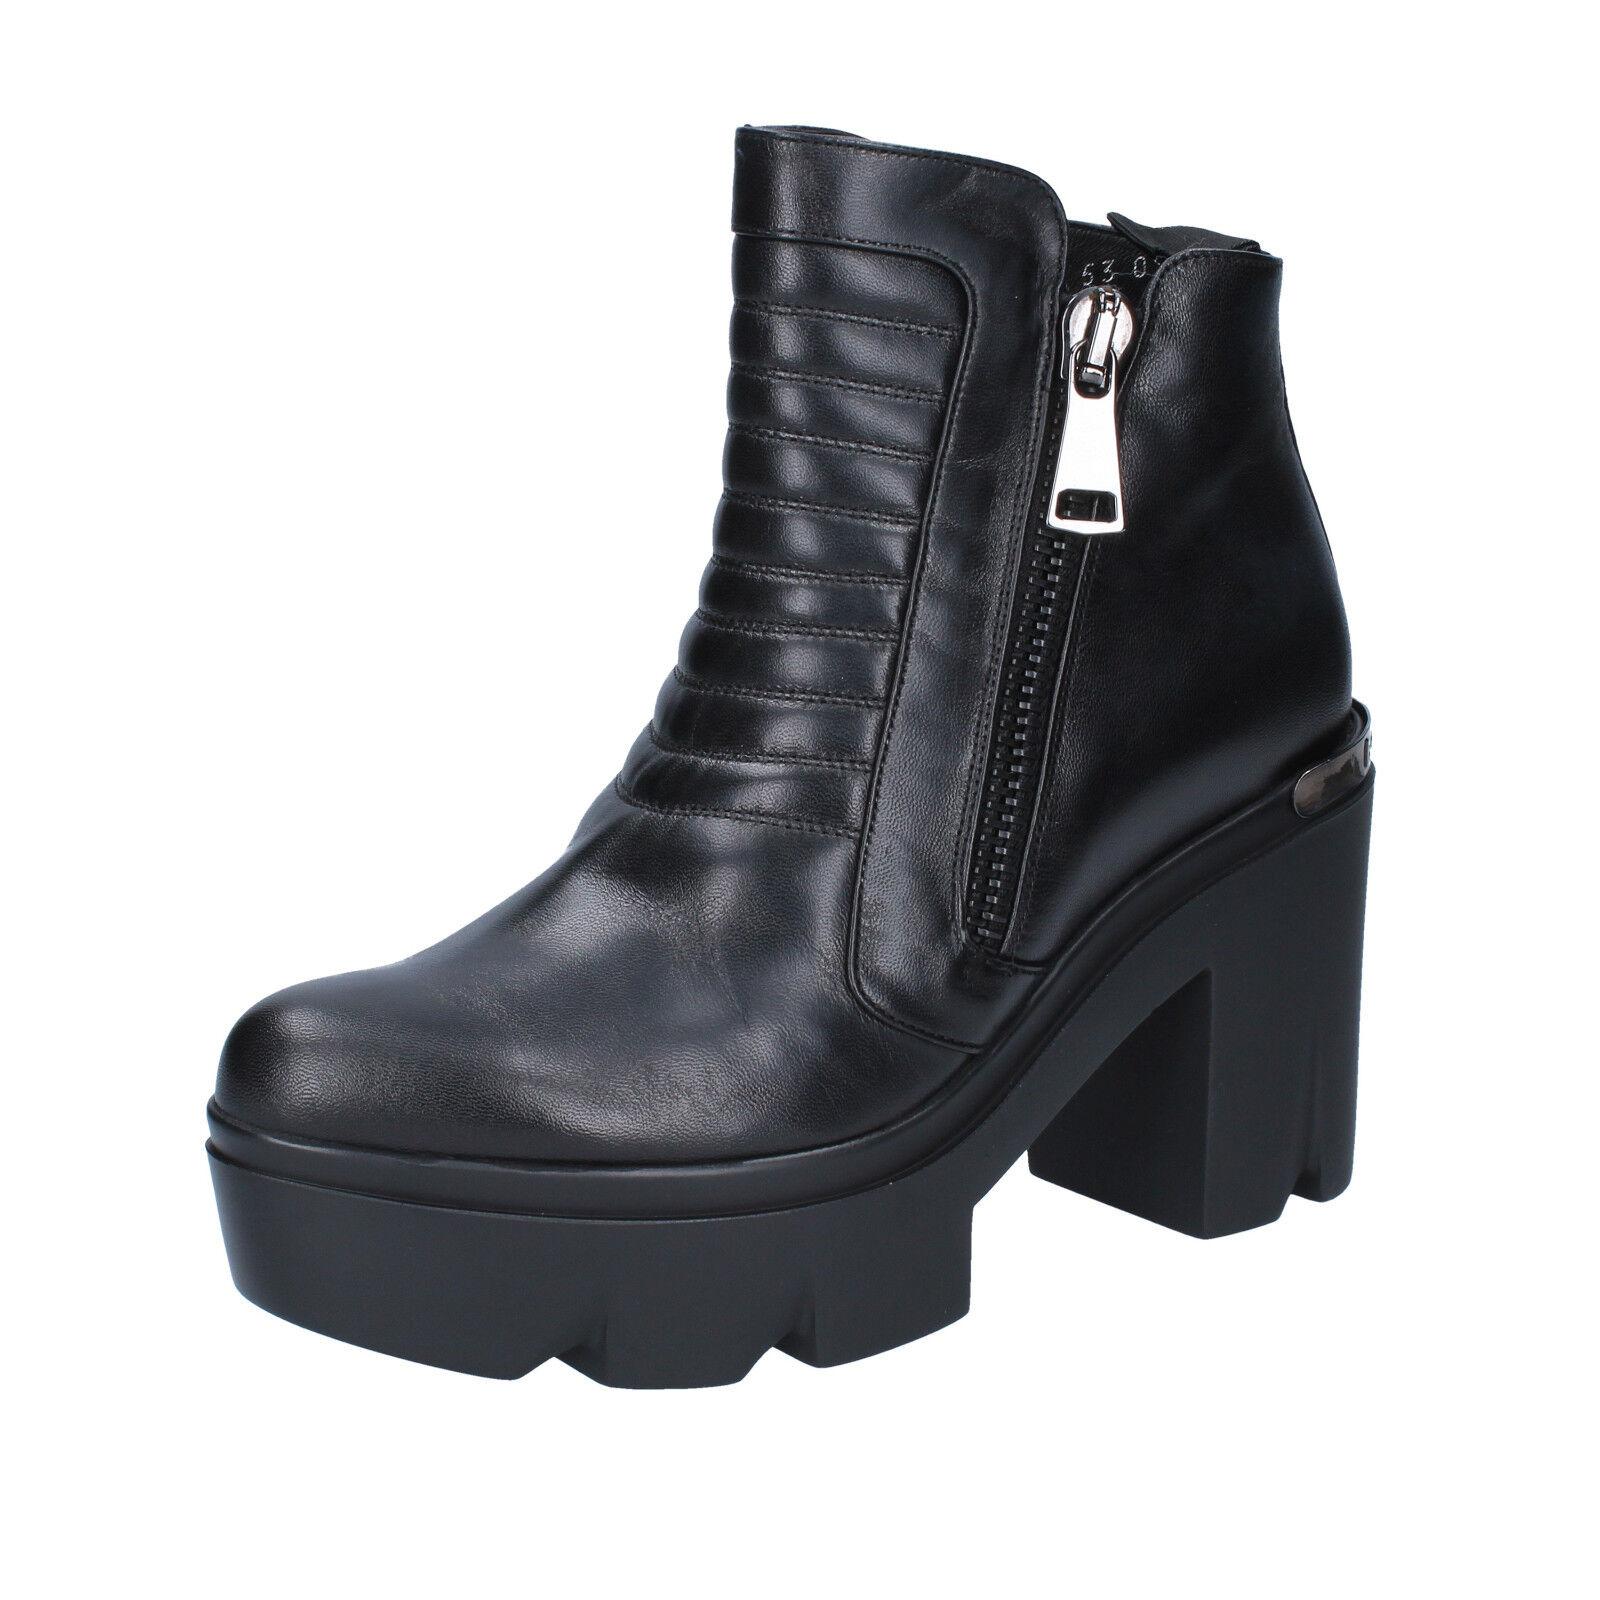 scarpe donna ROBERTO BOTTICELLI 37 EU stivaletti nero pelle BY559-37